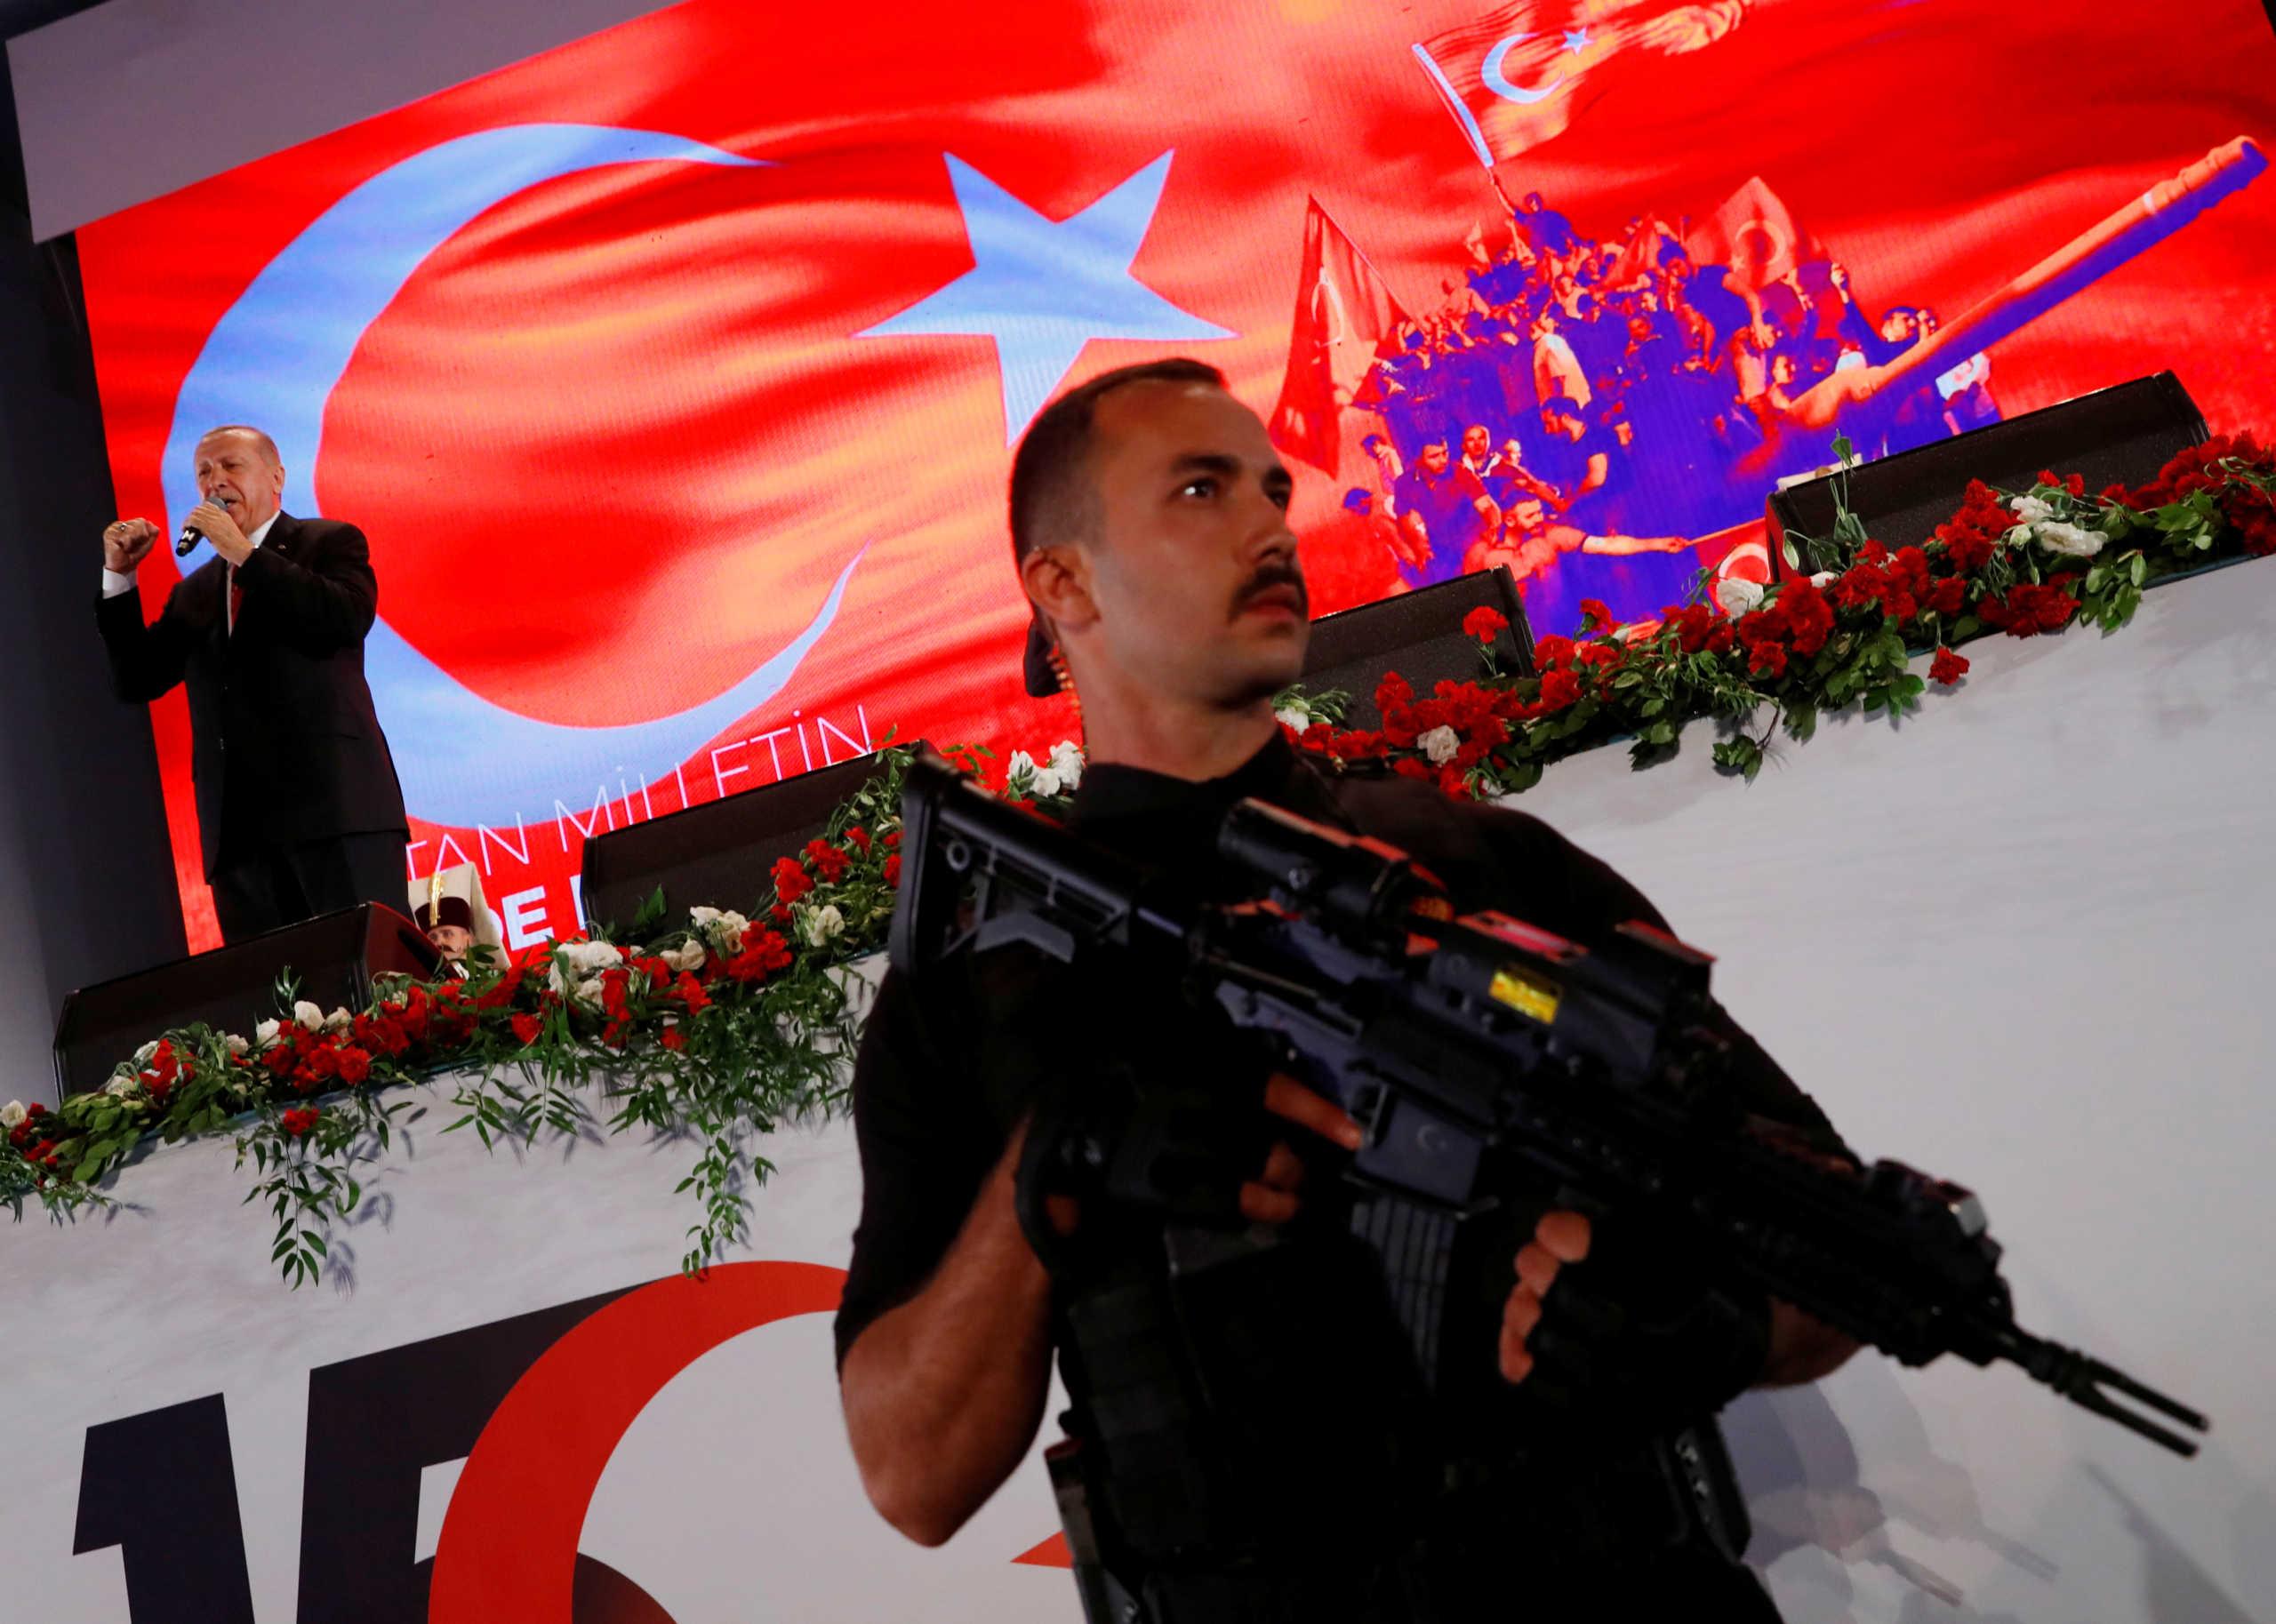 Τουρκία: Άλλα 304 εντάλματα συλλήψεων στρατιωτικών για σχέσεις με τον Γκιουλέν